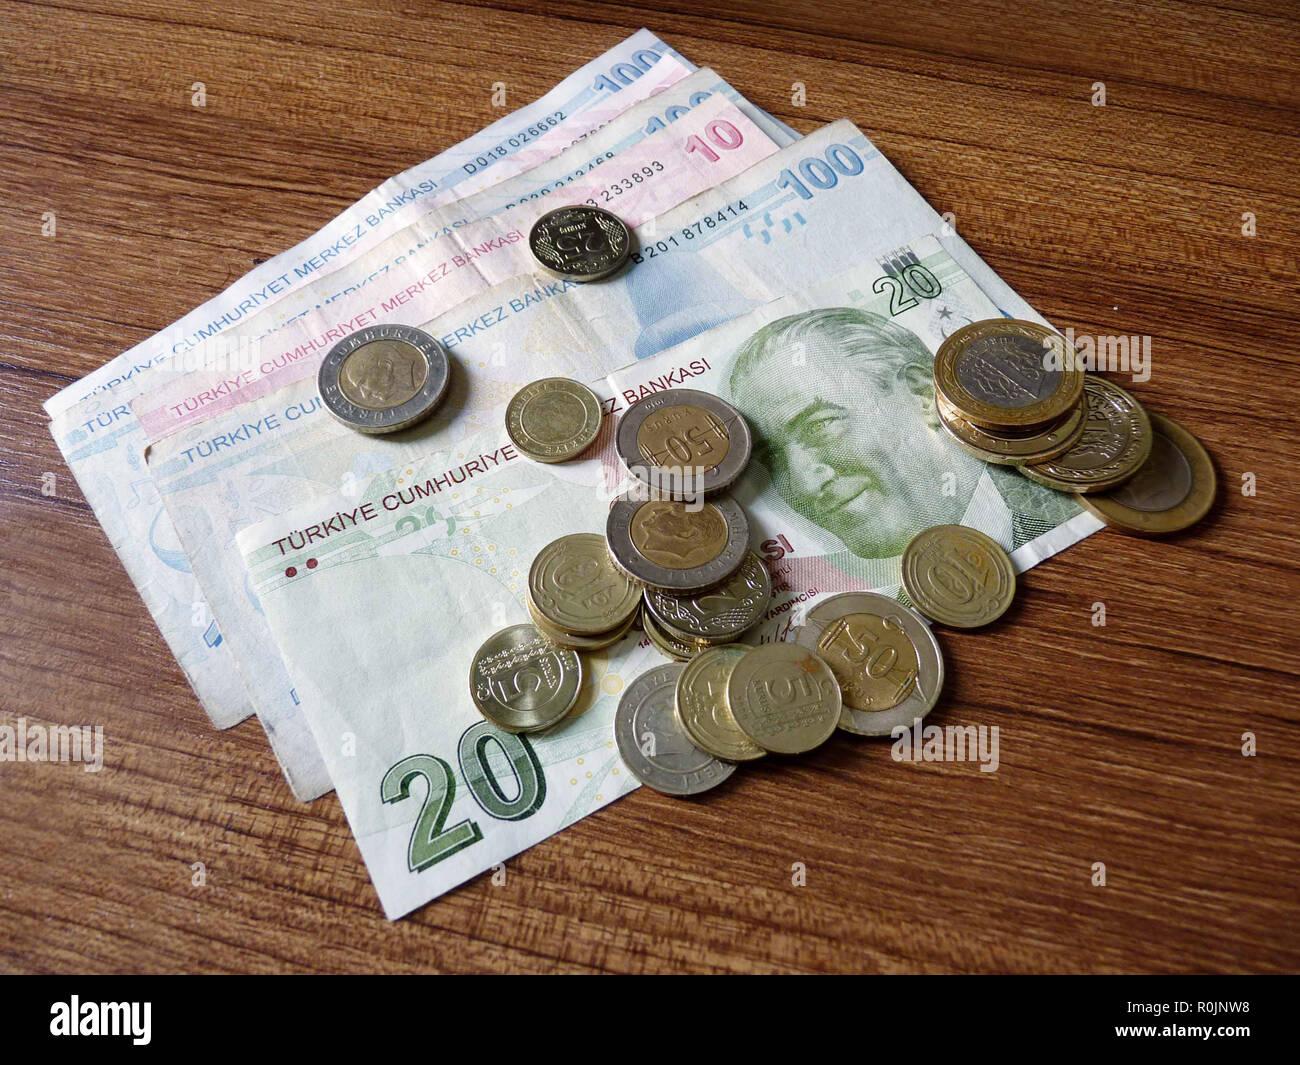 Paper money and coins of turkish lira. Turkish lira bills Stock Photo